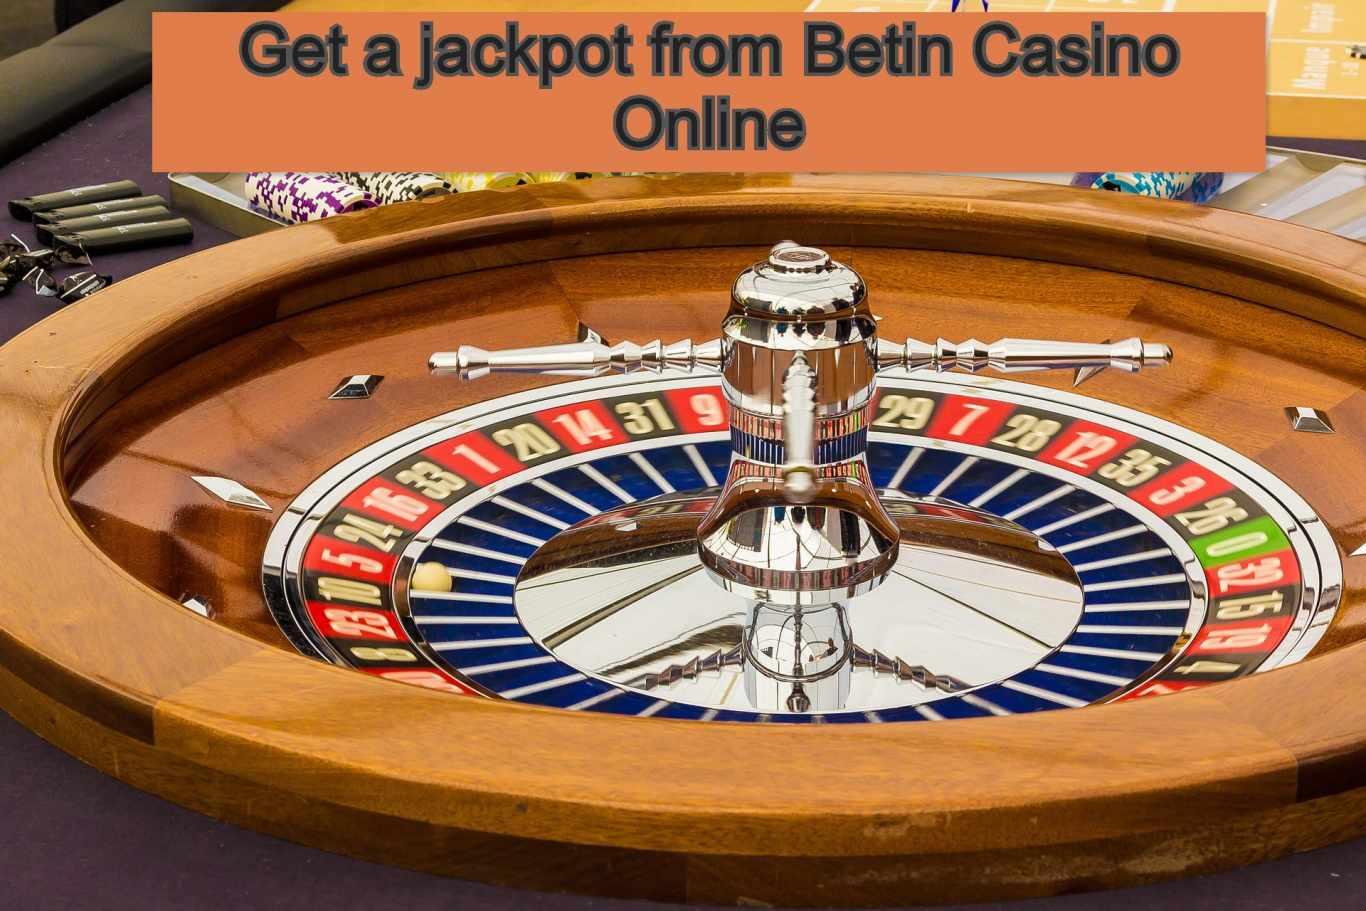 Get a jackpot from Betin Casino Online